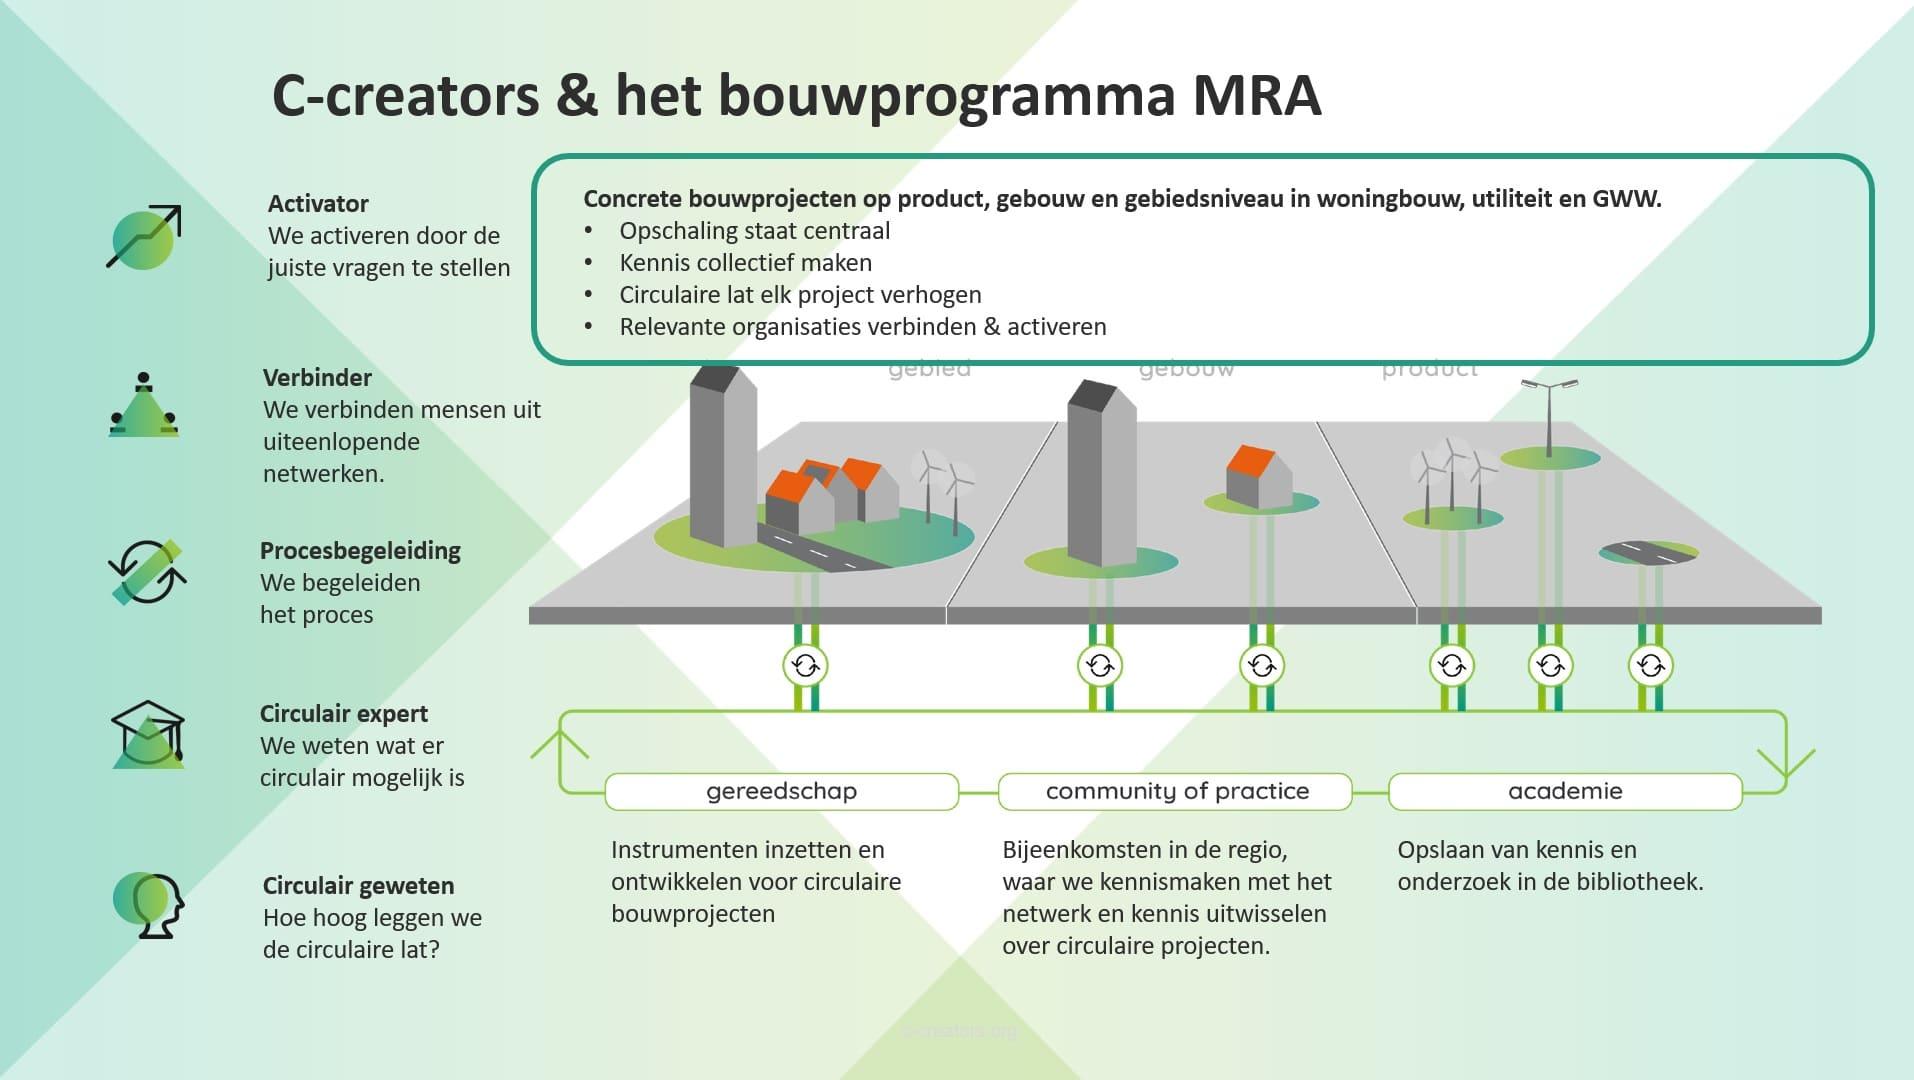 C-creators en het bouwprogramma MRA